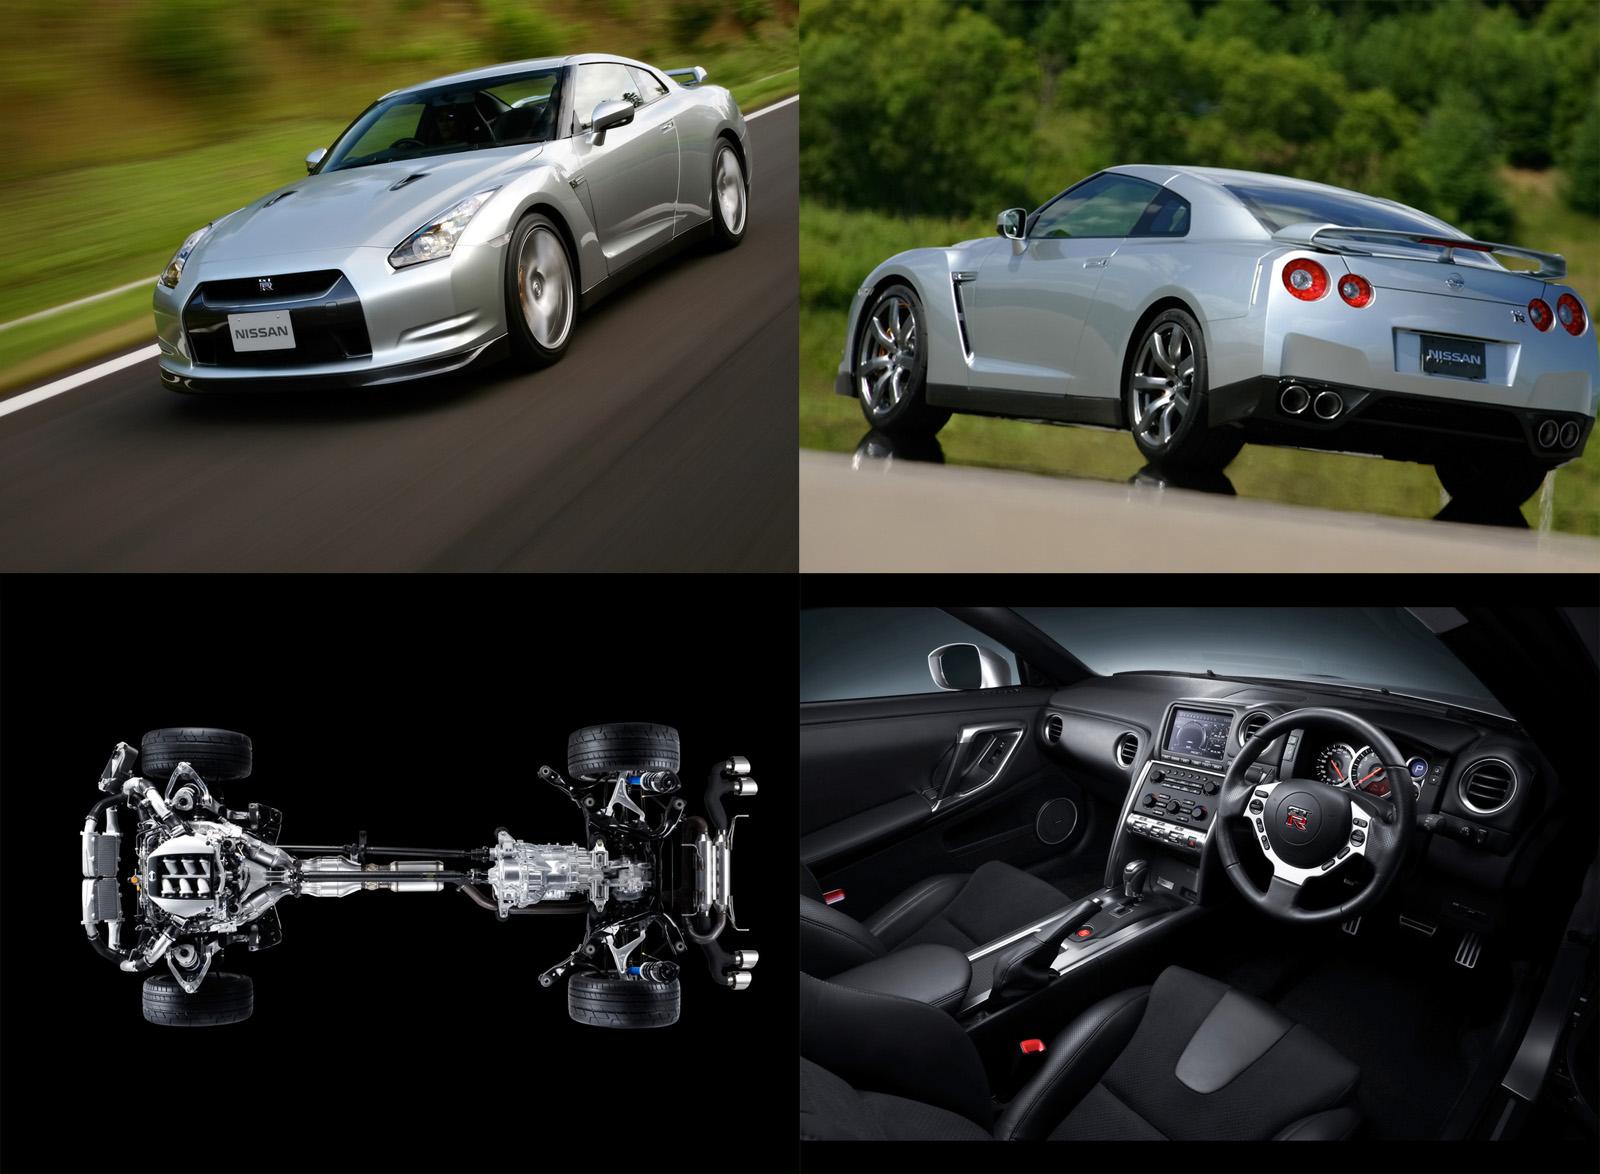 http://2.bp.blogspot.com/_ok92T4mBPv0/S_tQ2rVG_BI/AAAAAAAAAMg/6aBVxOs9jIc/s1600/14204-2009-Nissan-GT-R.jpg